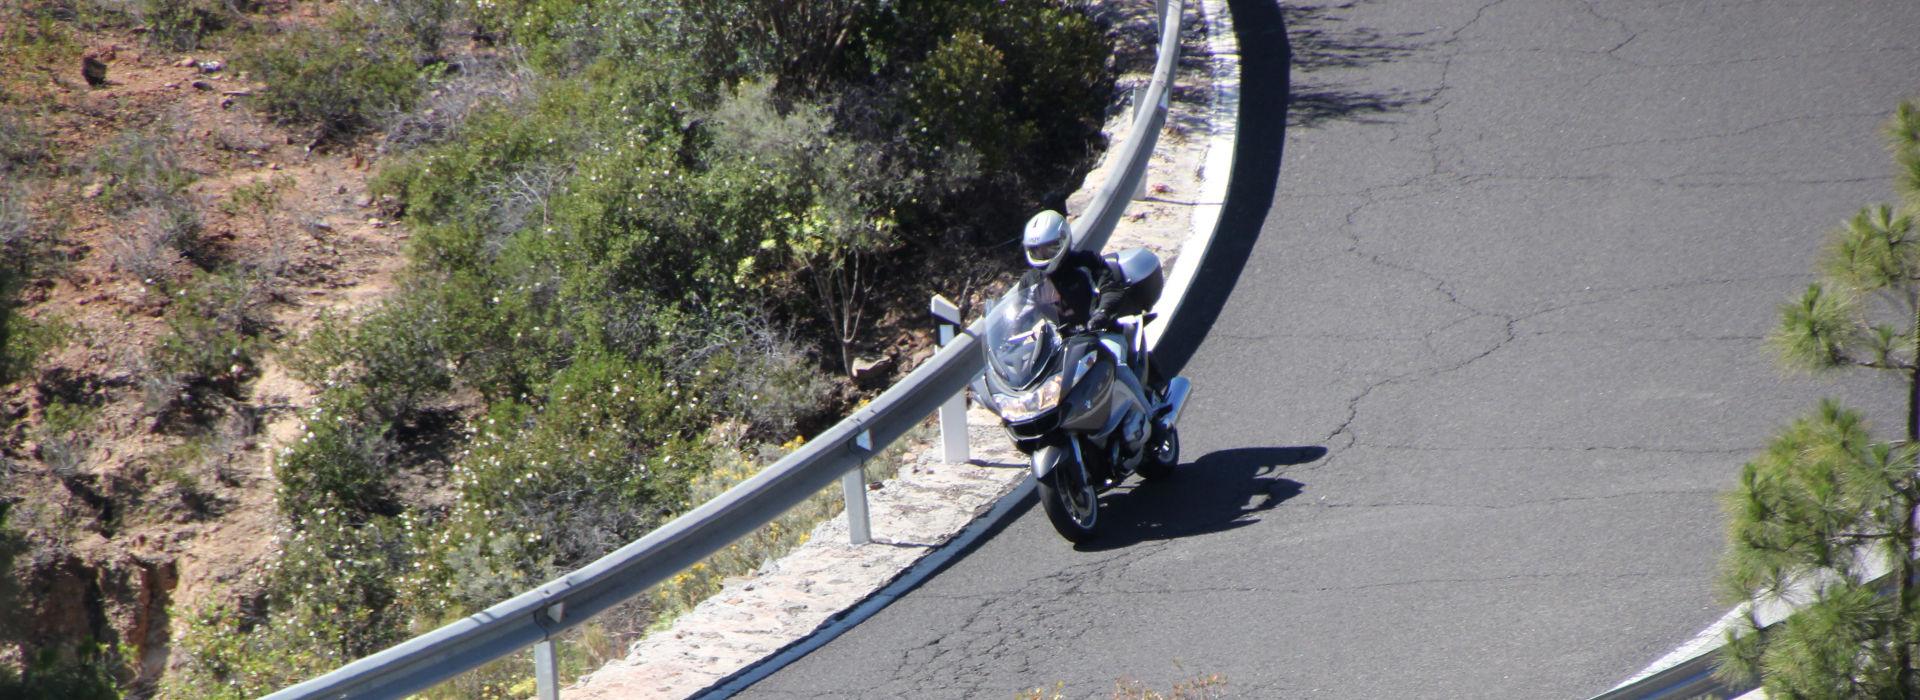 Motorrijbewijspoint Wapenveld snel motorrijbewijs halen